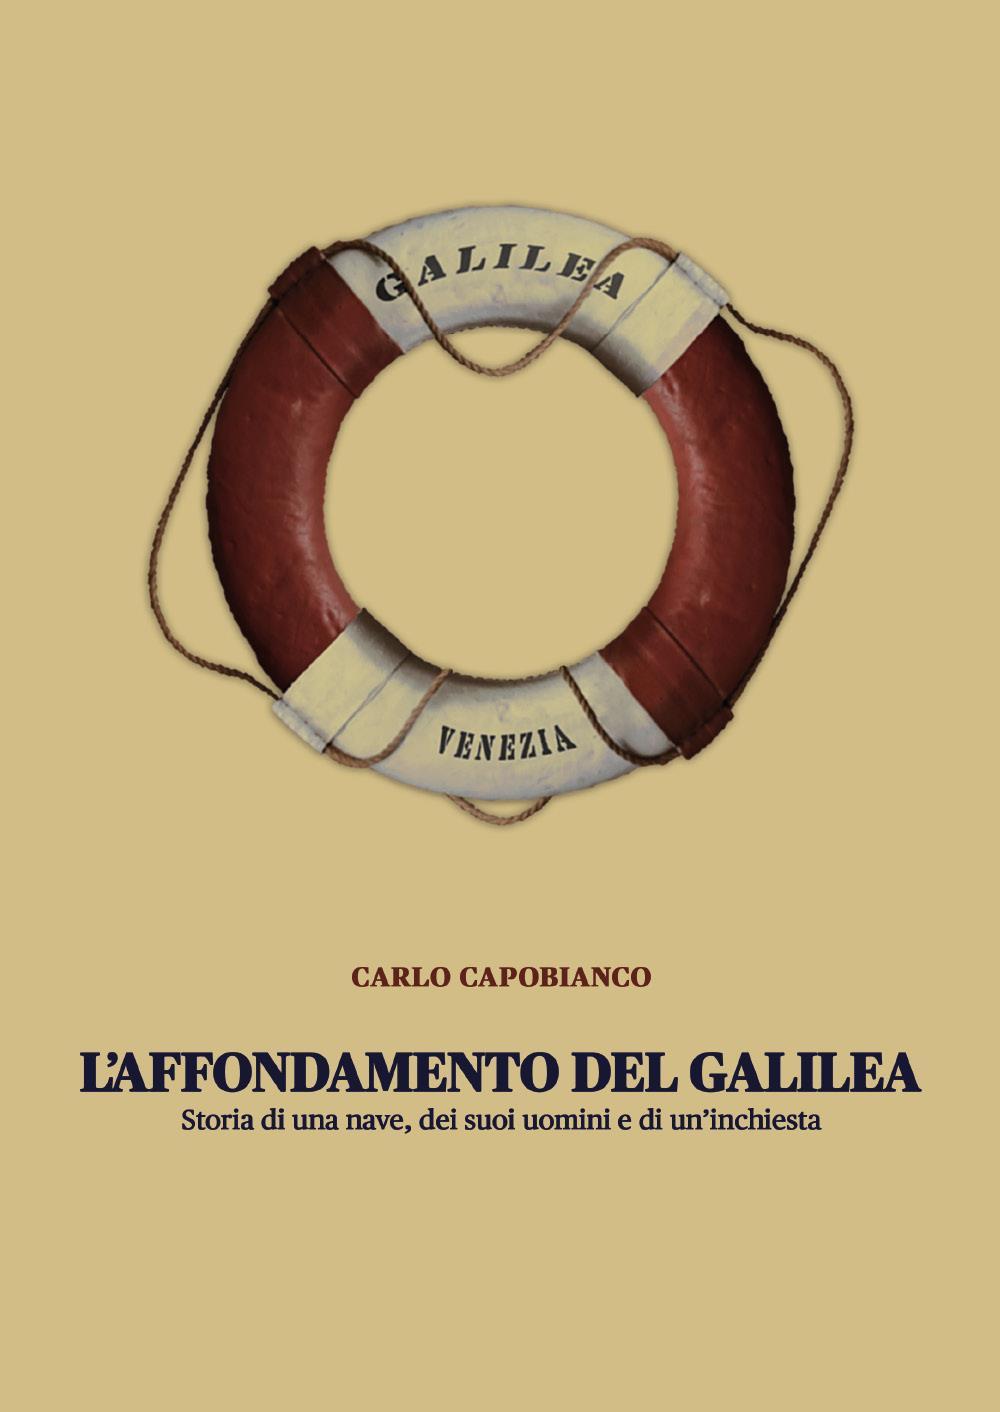 L'AFFONDAMENTO DEL GALILEA - Storia di una nave, dei suoi uomini e di un'inchiesta